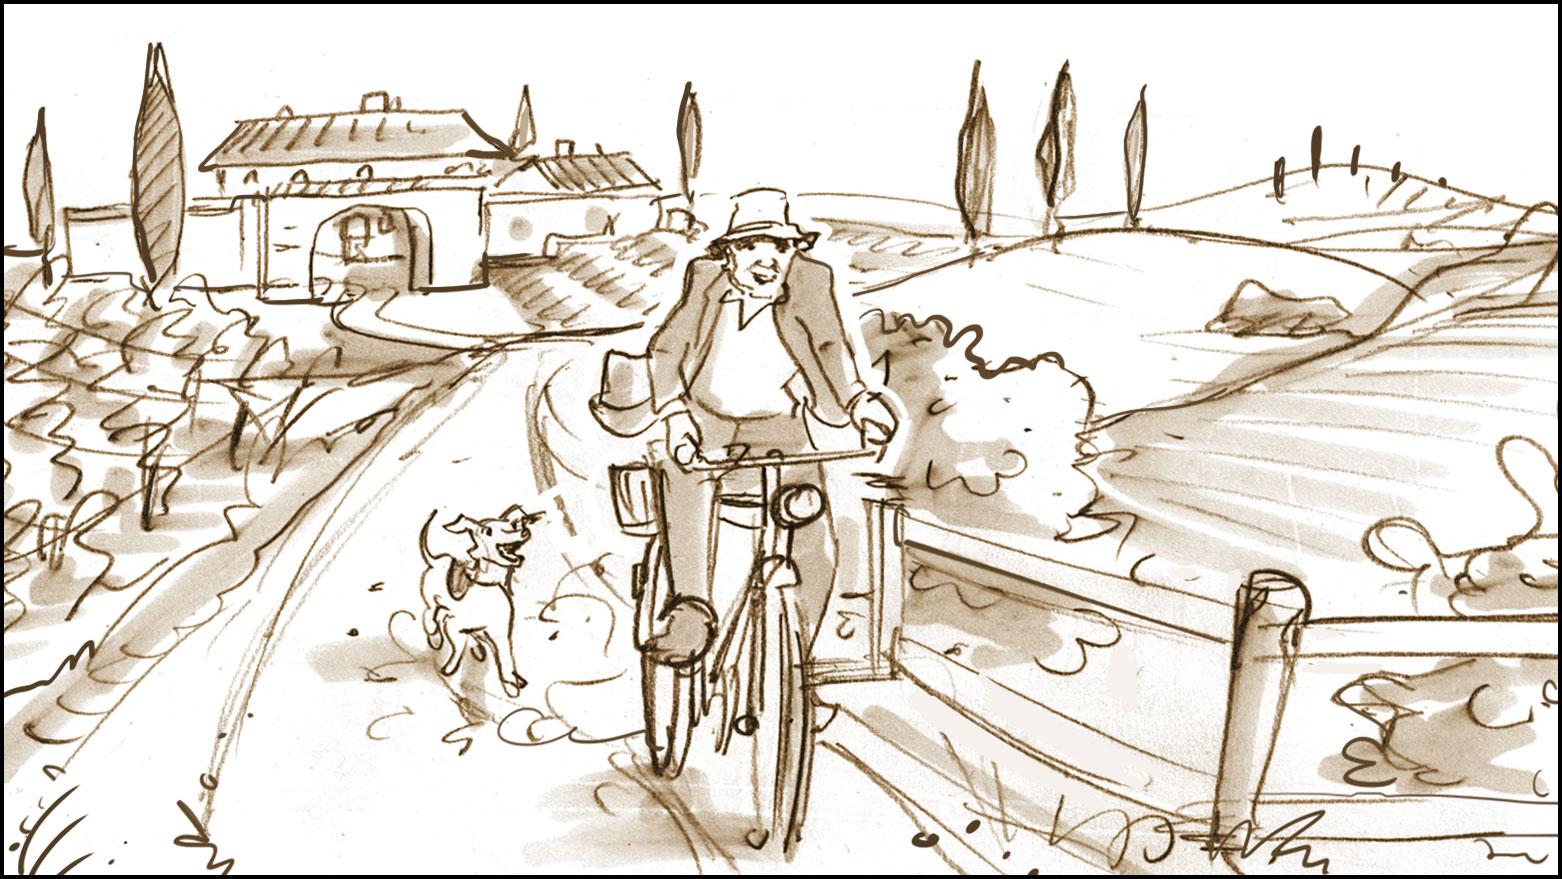 Bertolli Italia